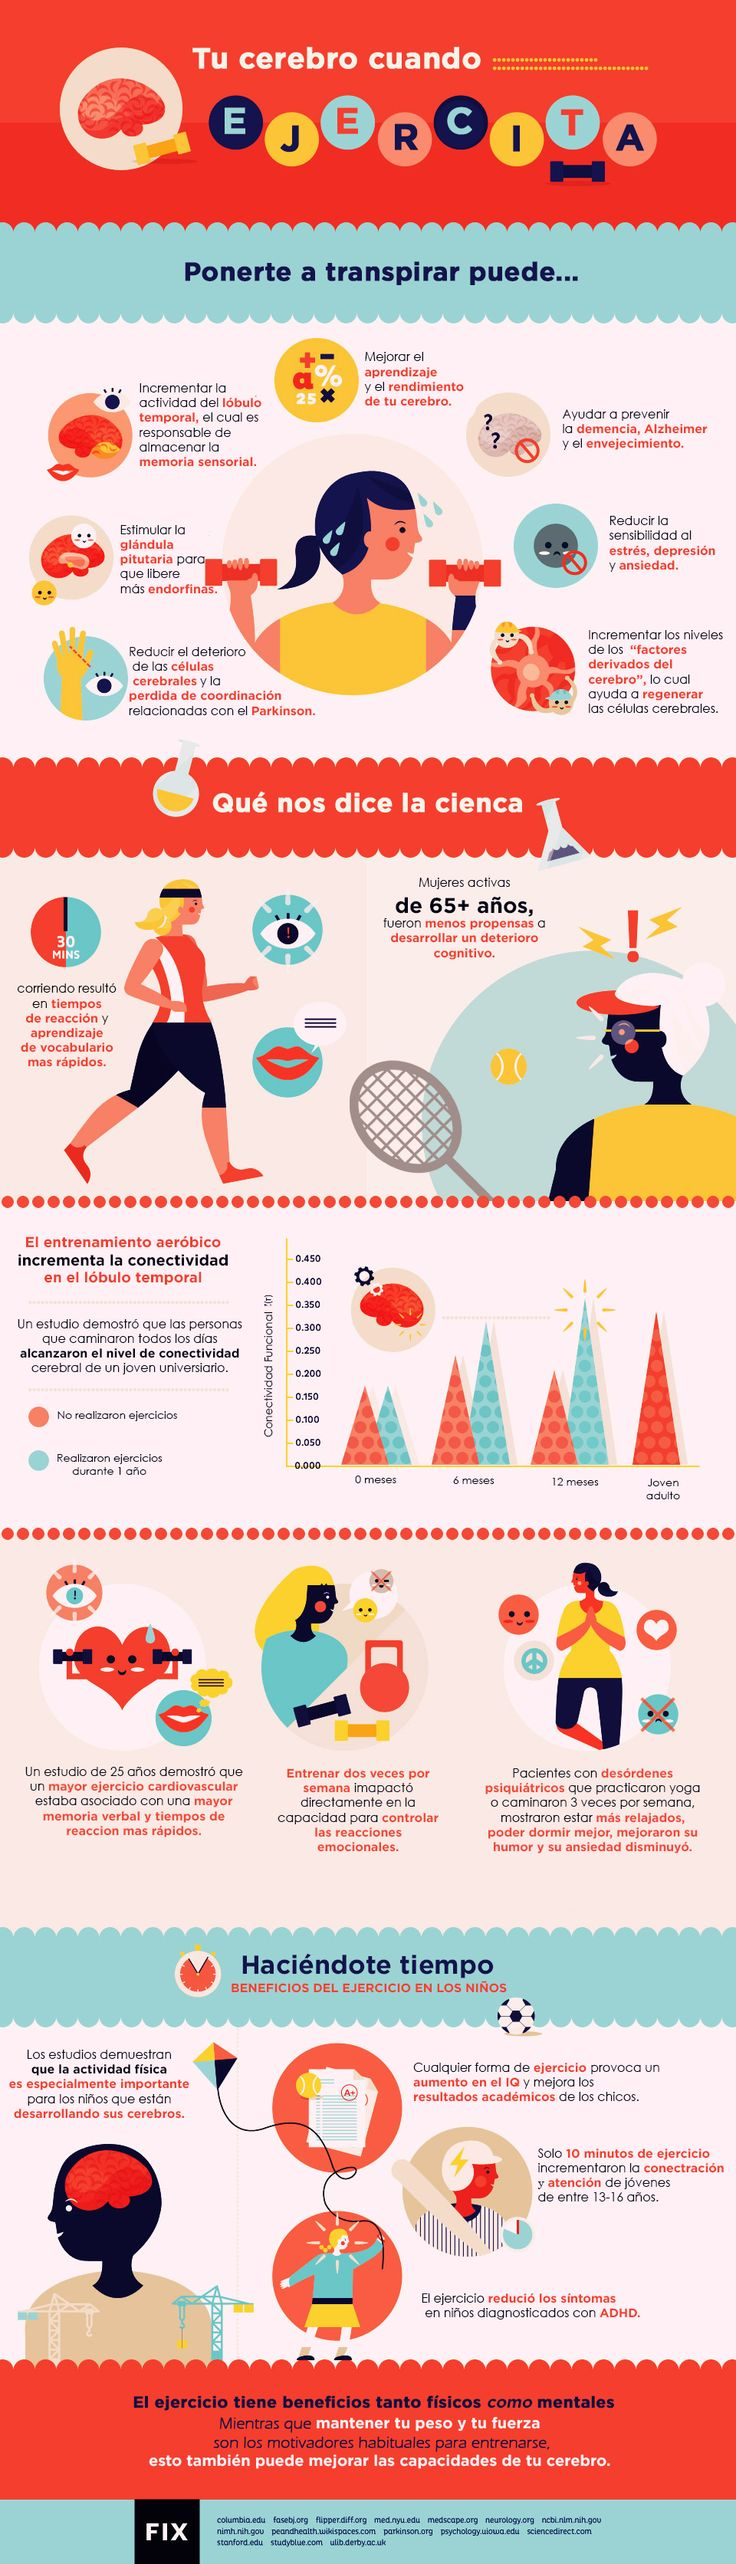 beneficios del ejercicio para el cerebro